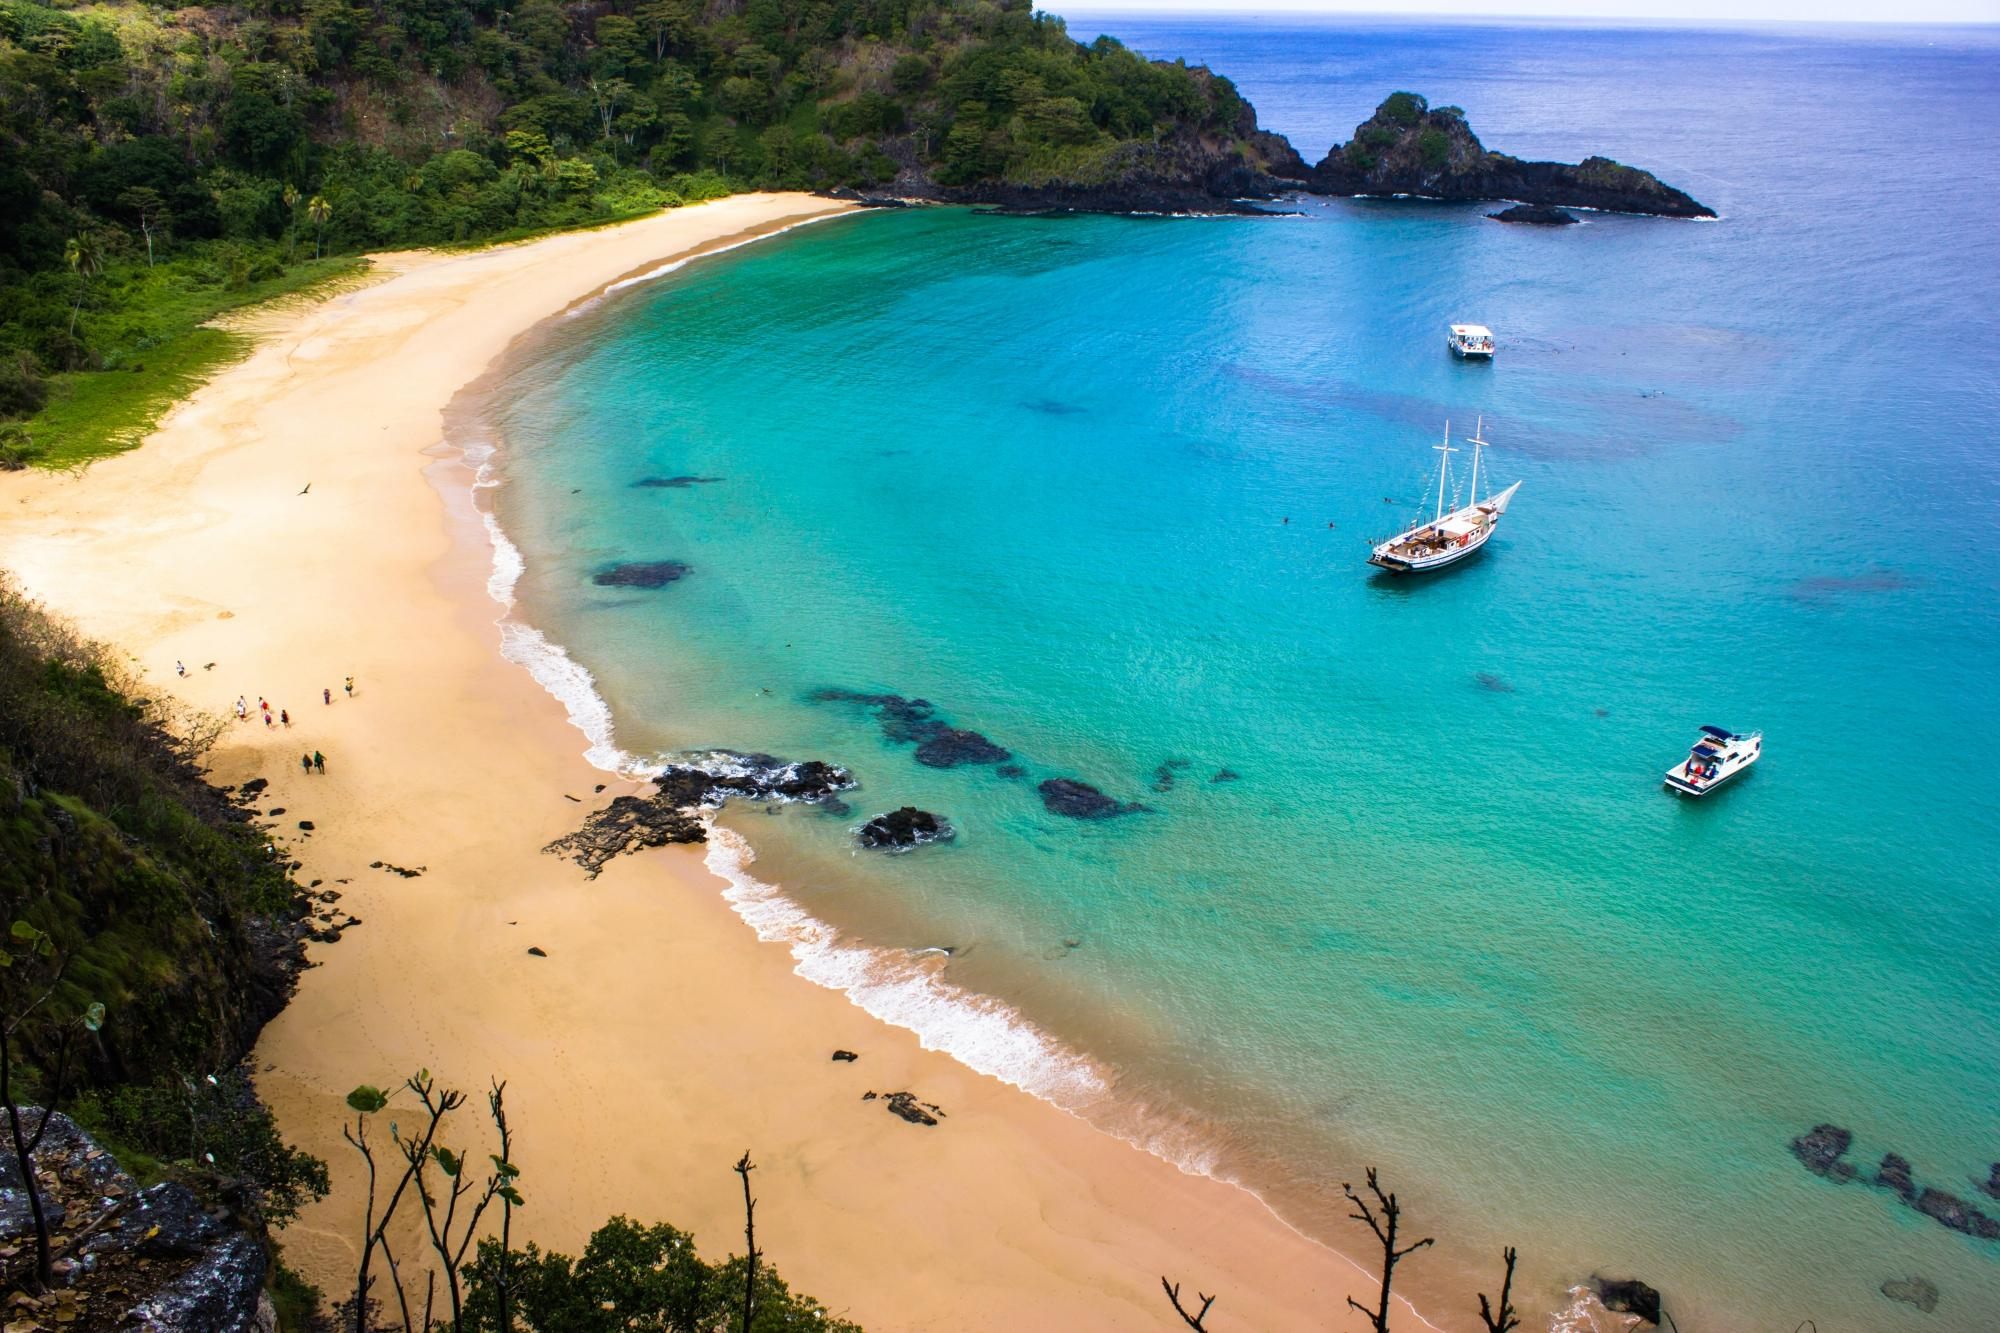 Эксперты назвали лучшие пляжи мира 1